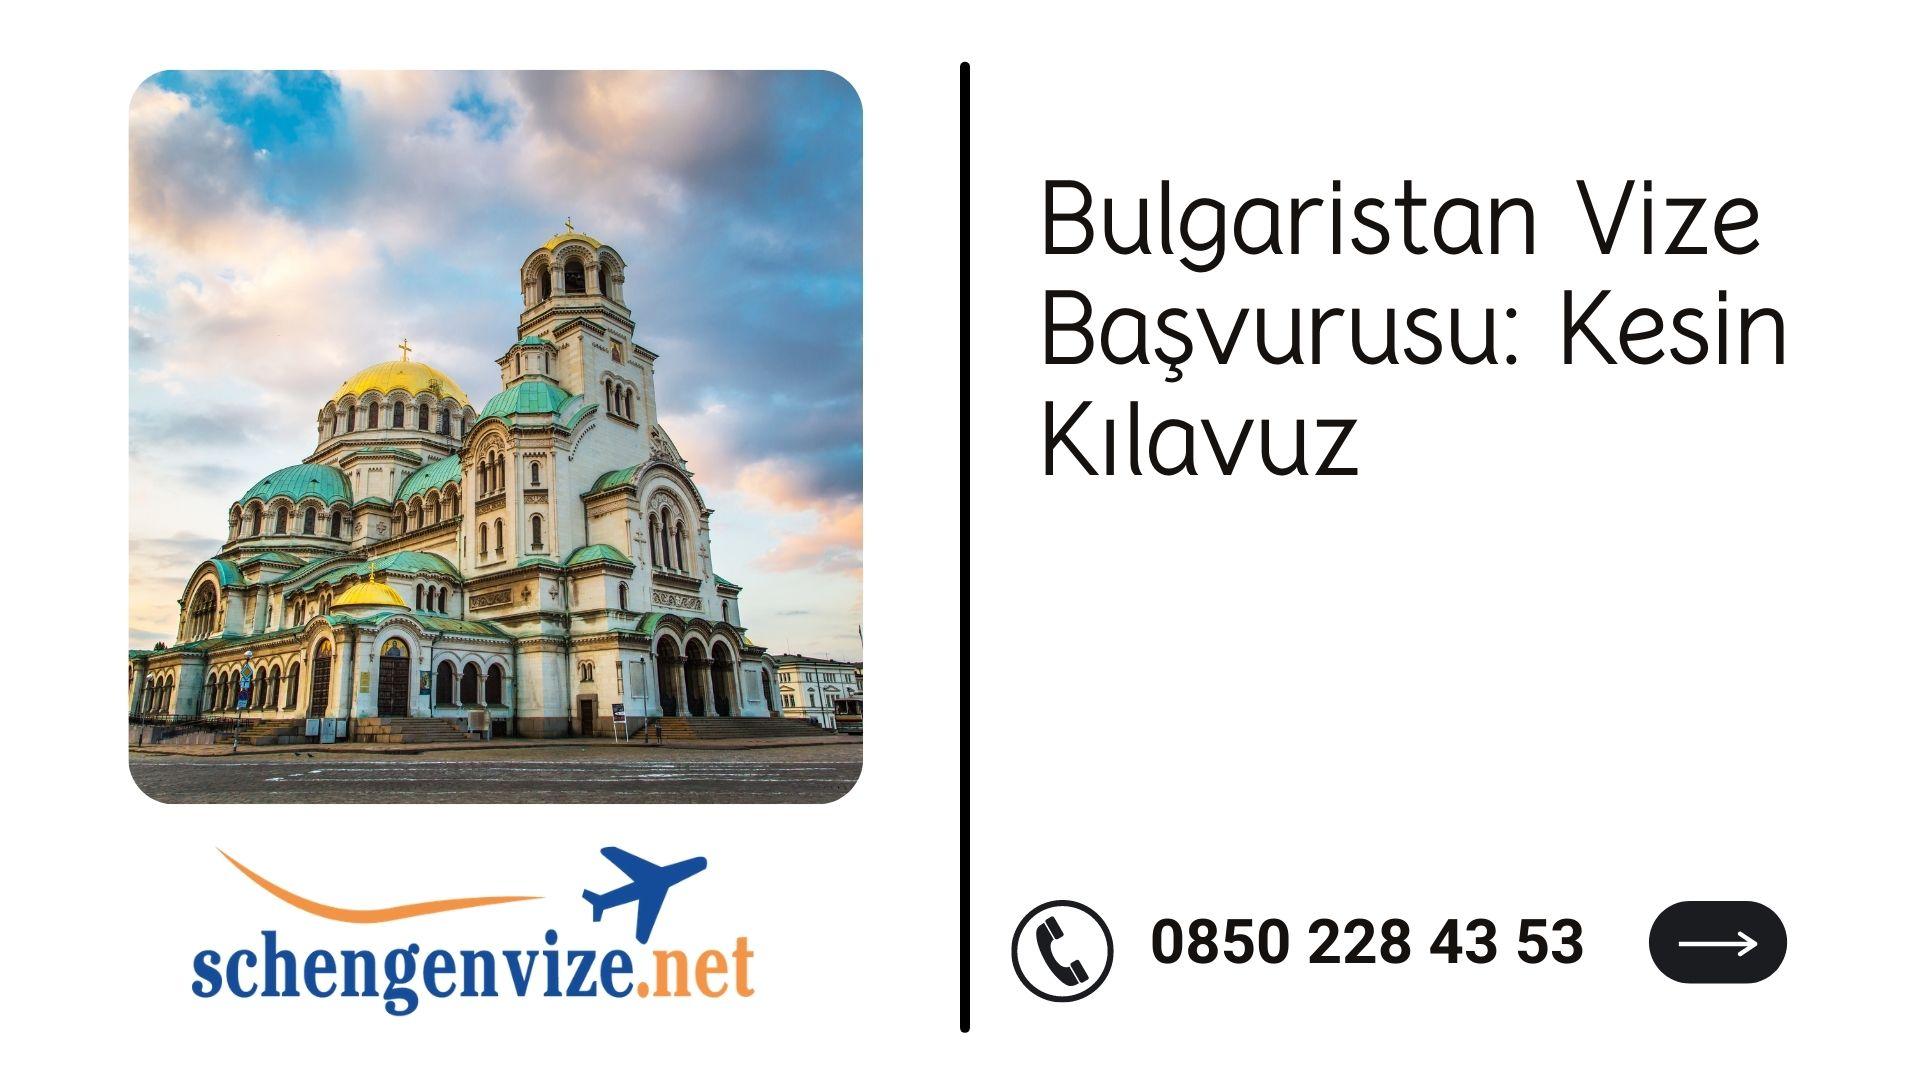 Bulgaristan Vize Başvurusu: Kesin Kılavuz 2021